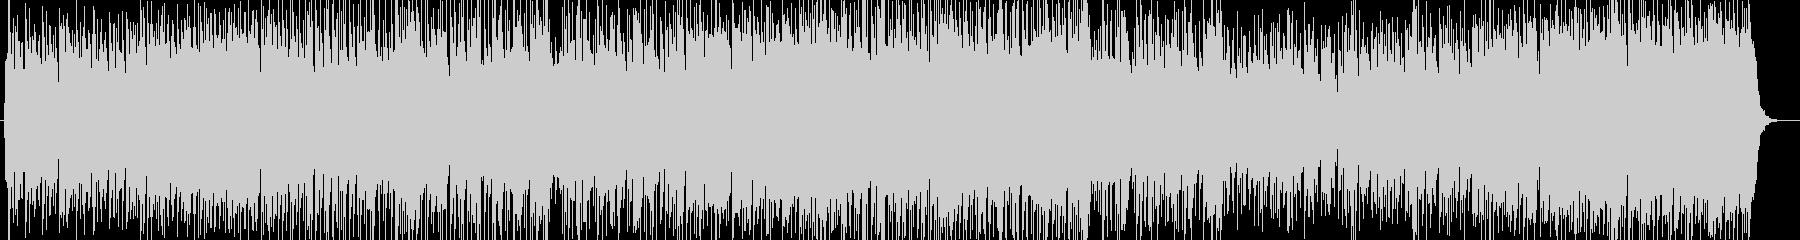 さわやかなメロディが印象的なポップスの未再生の波形